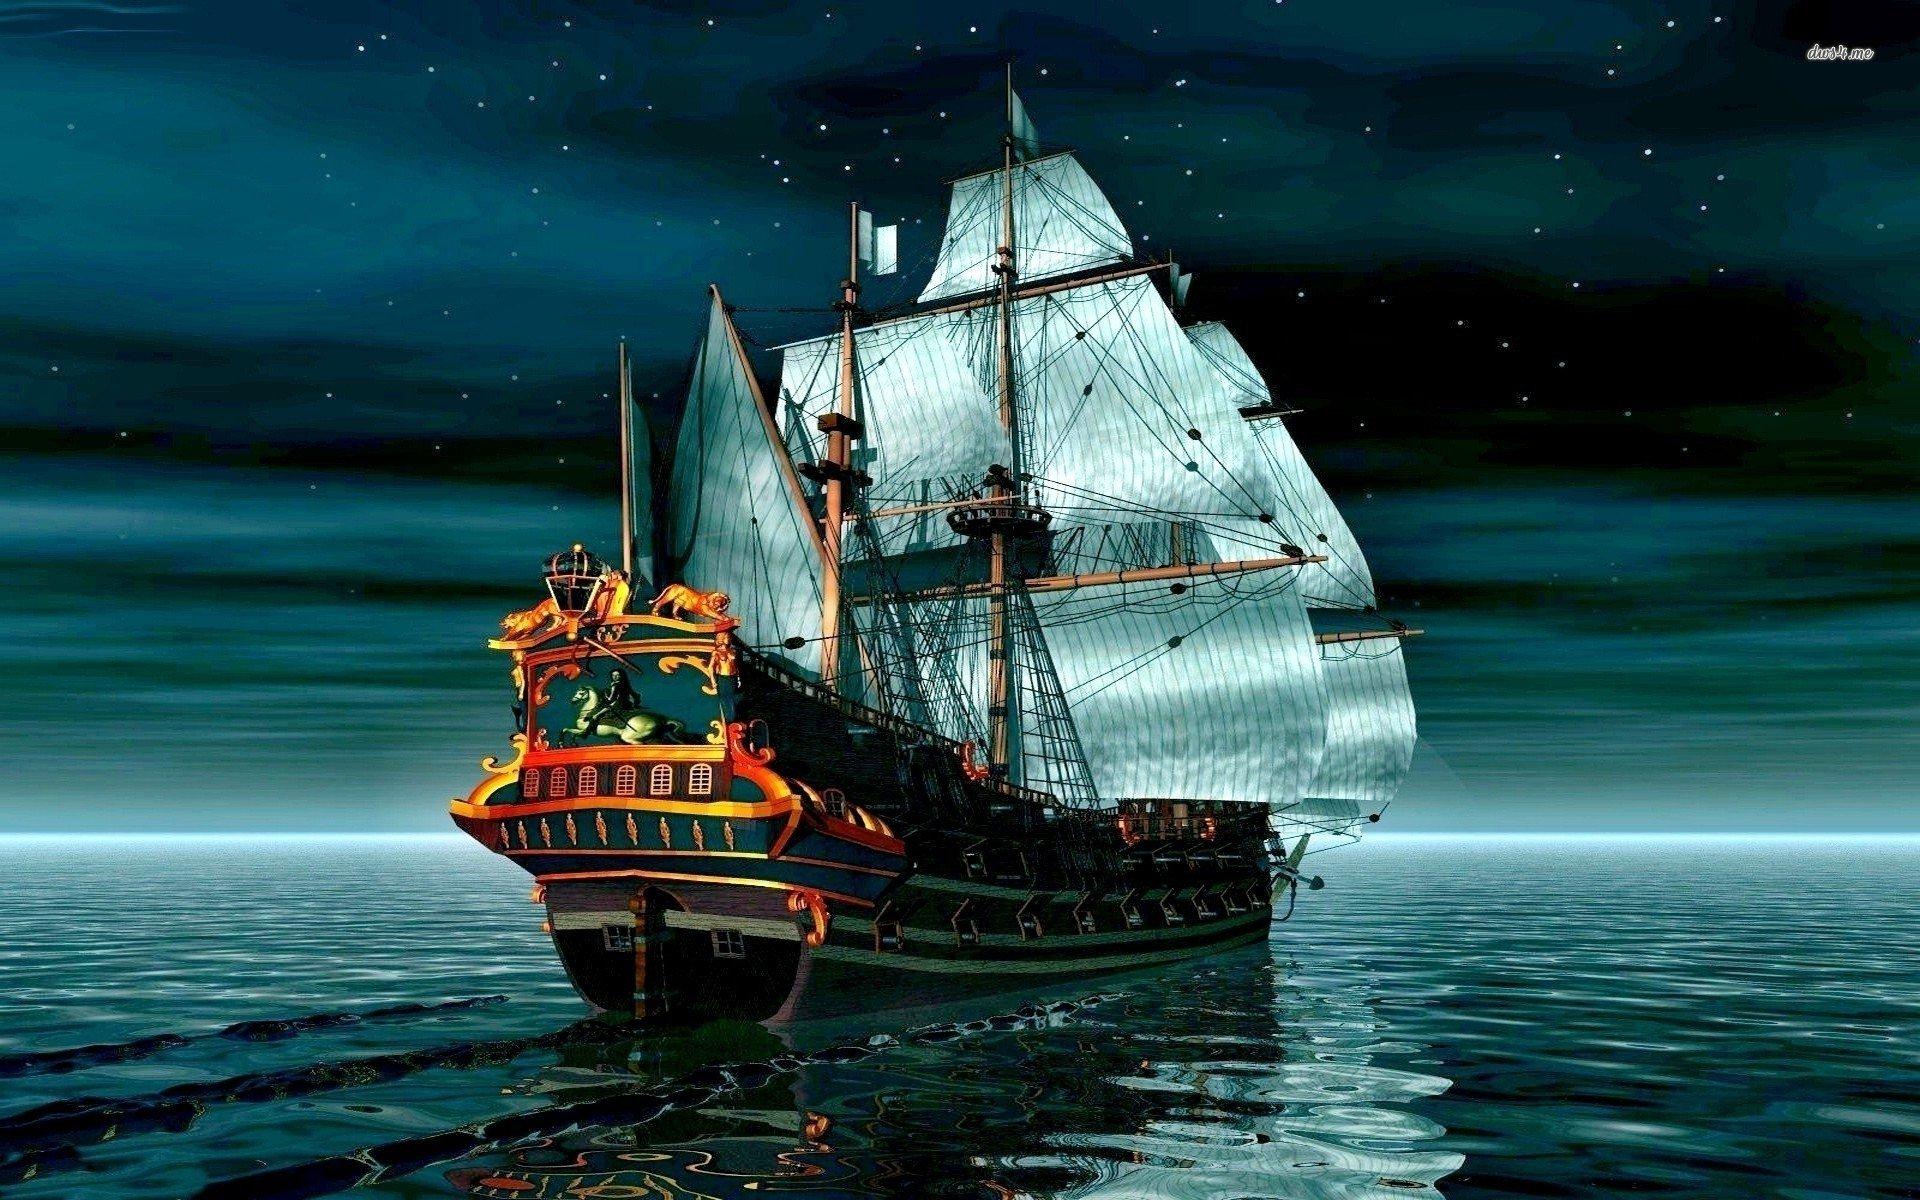 Pirate Wallpapers HD - WallpaperSafari